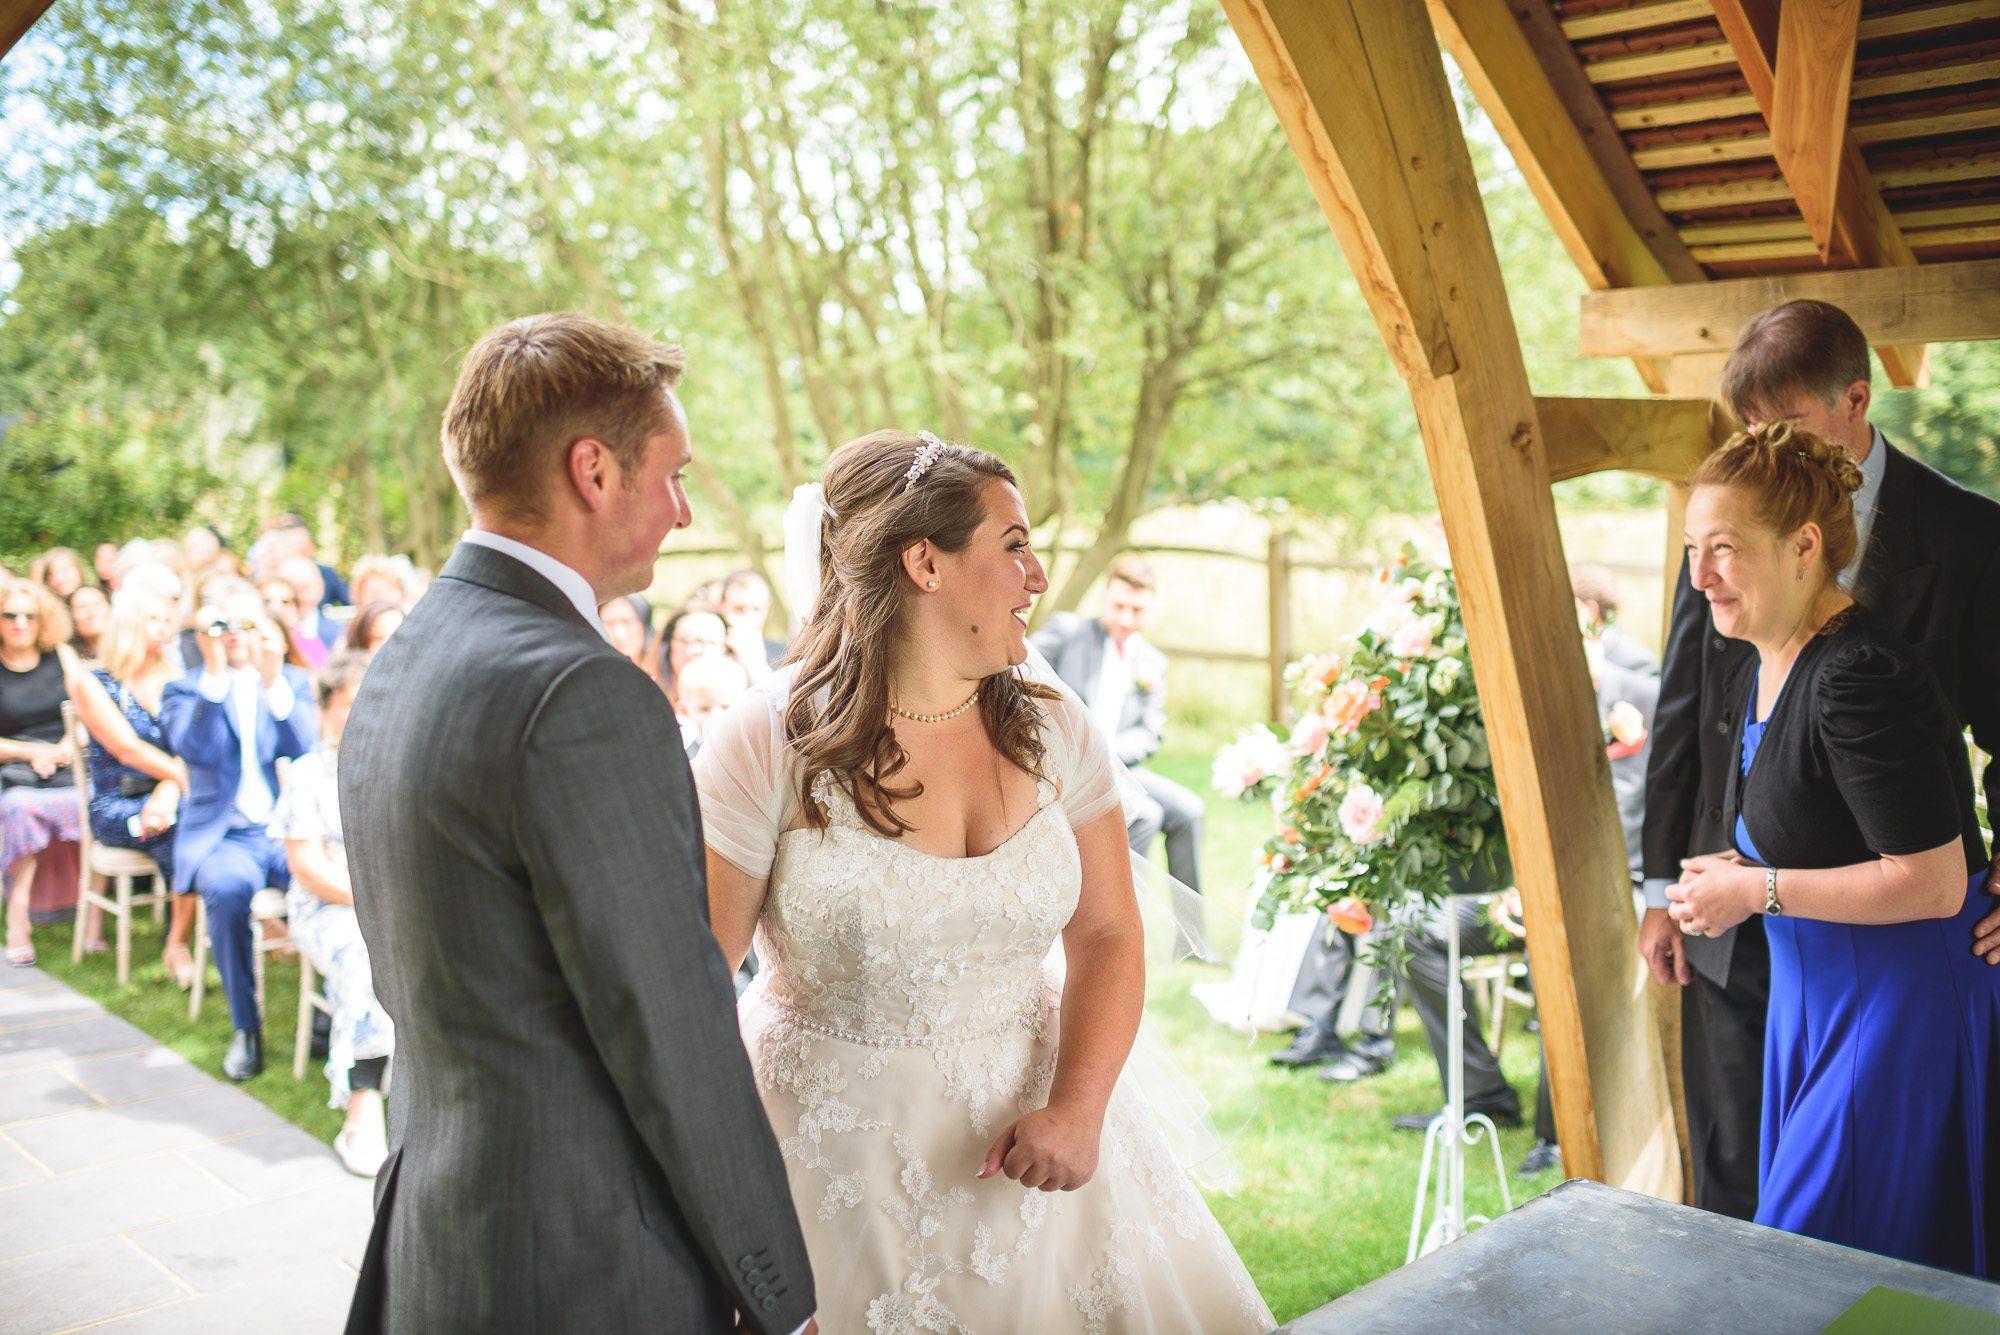 Court Wedding Dress Ideas 79 Amazing  Lauren and Lee